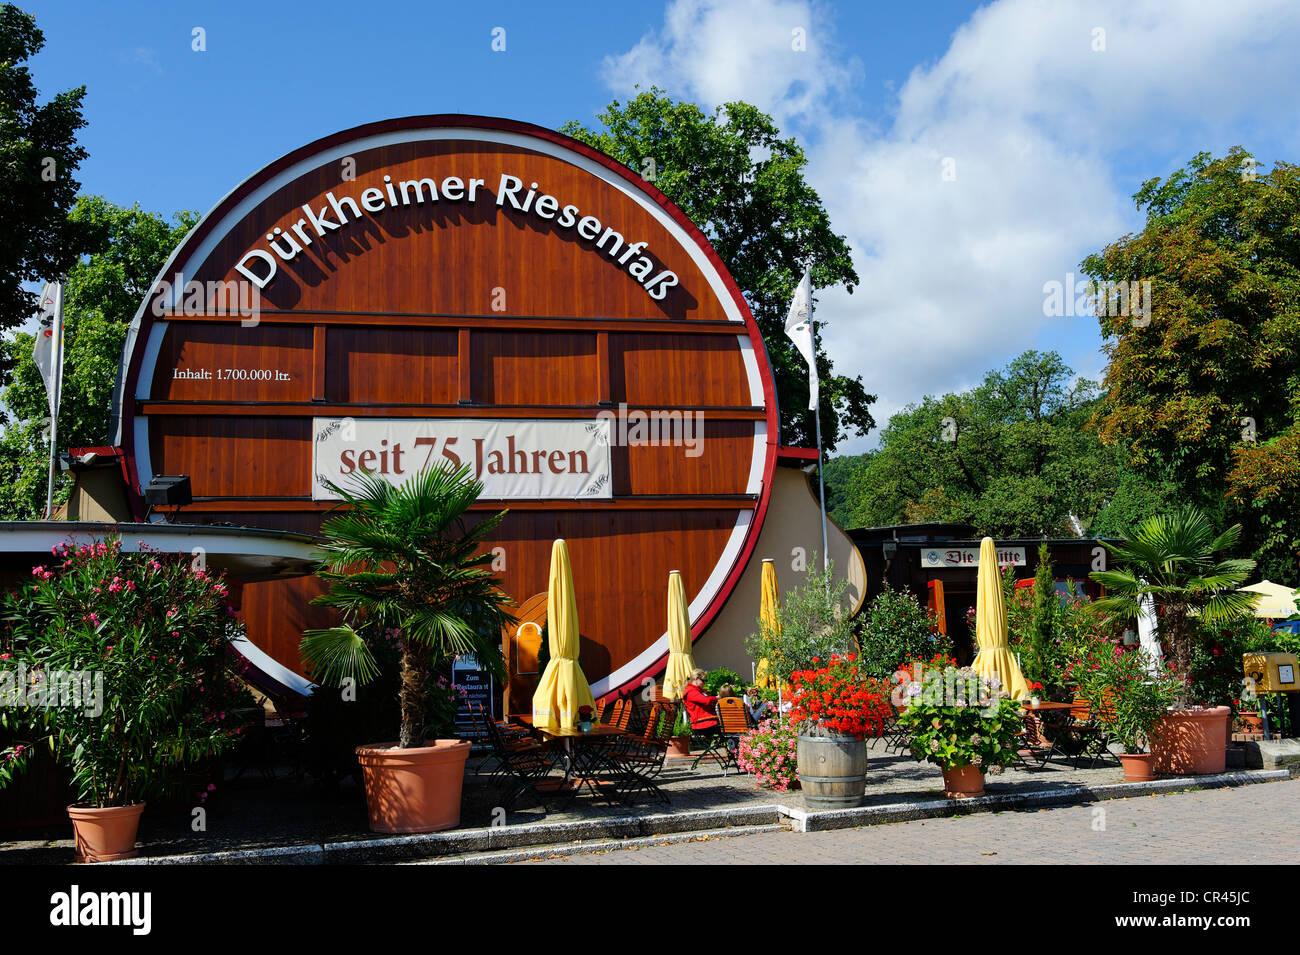 Bad Durkheim Casino Offnungszeiten